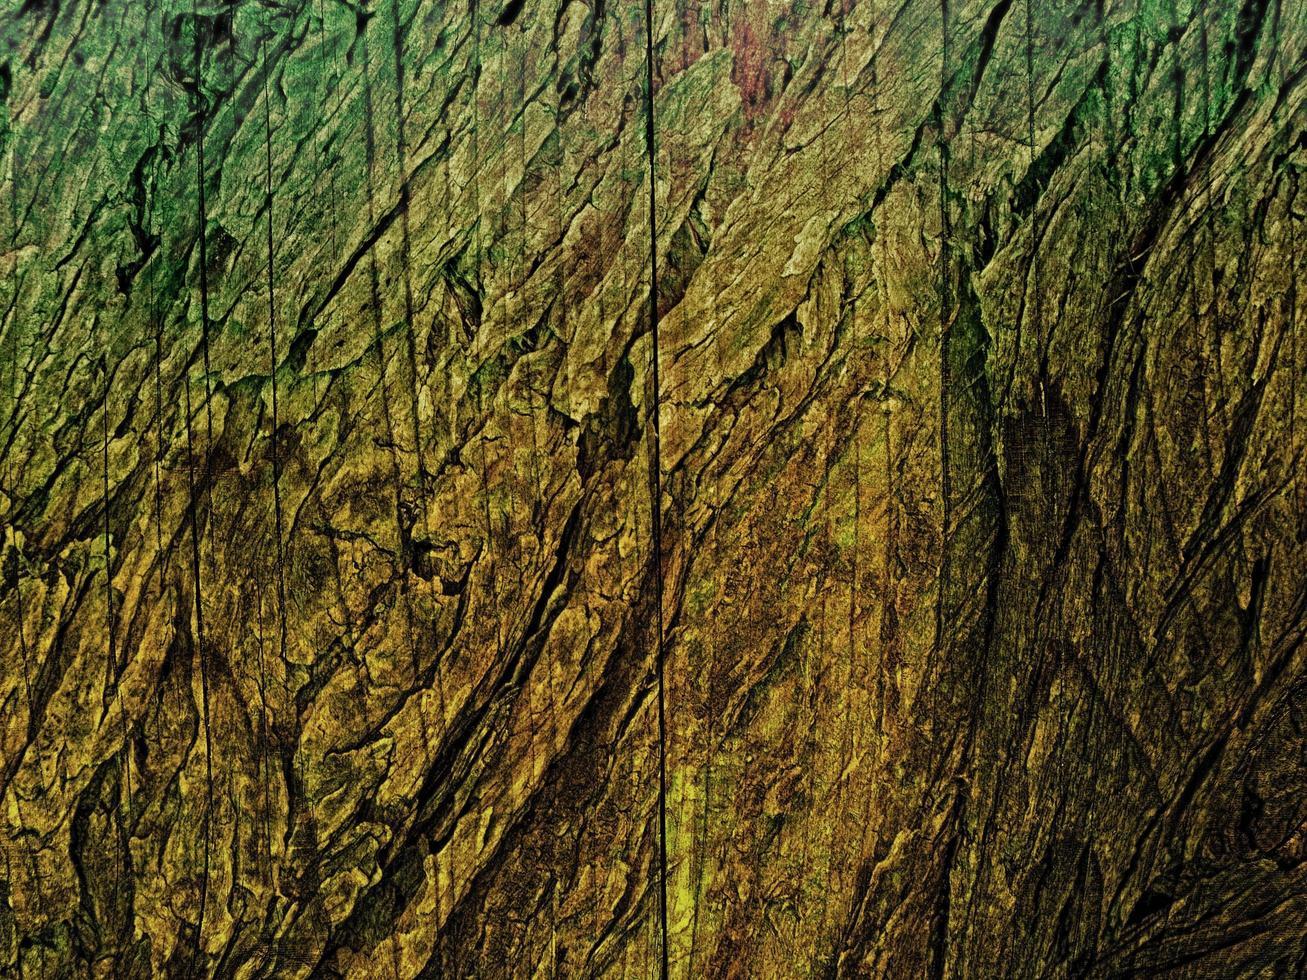 struttura in legno marrone scuro foto